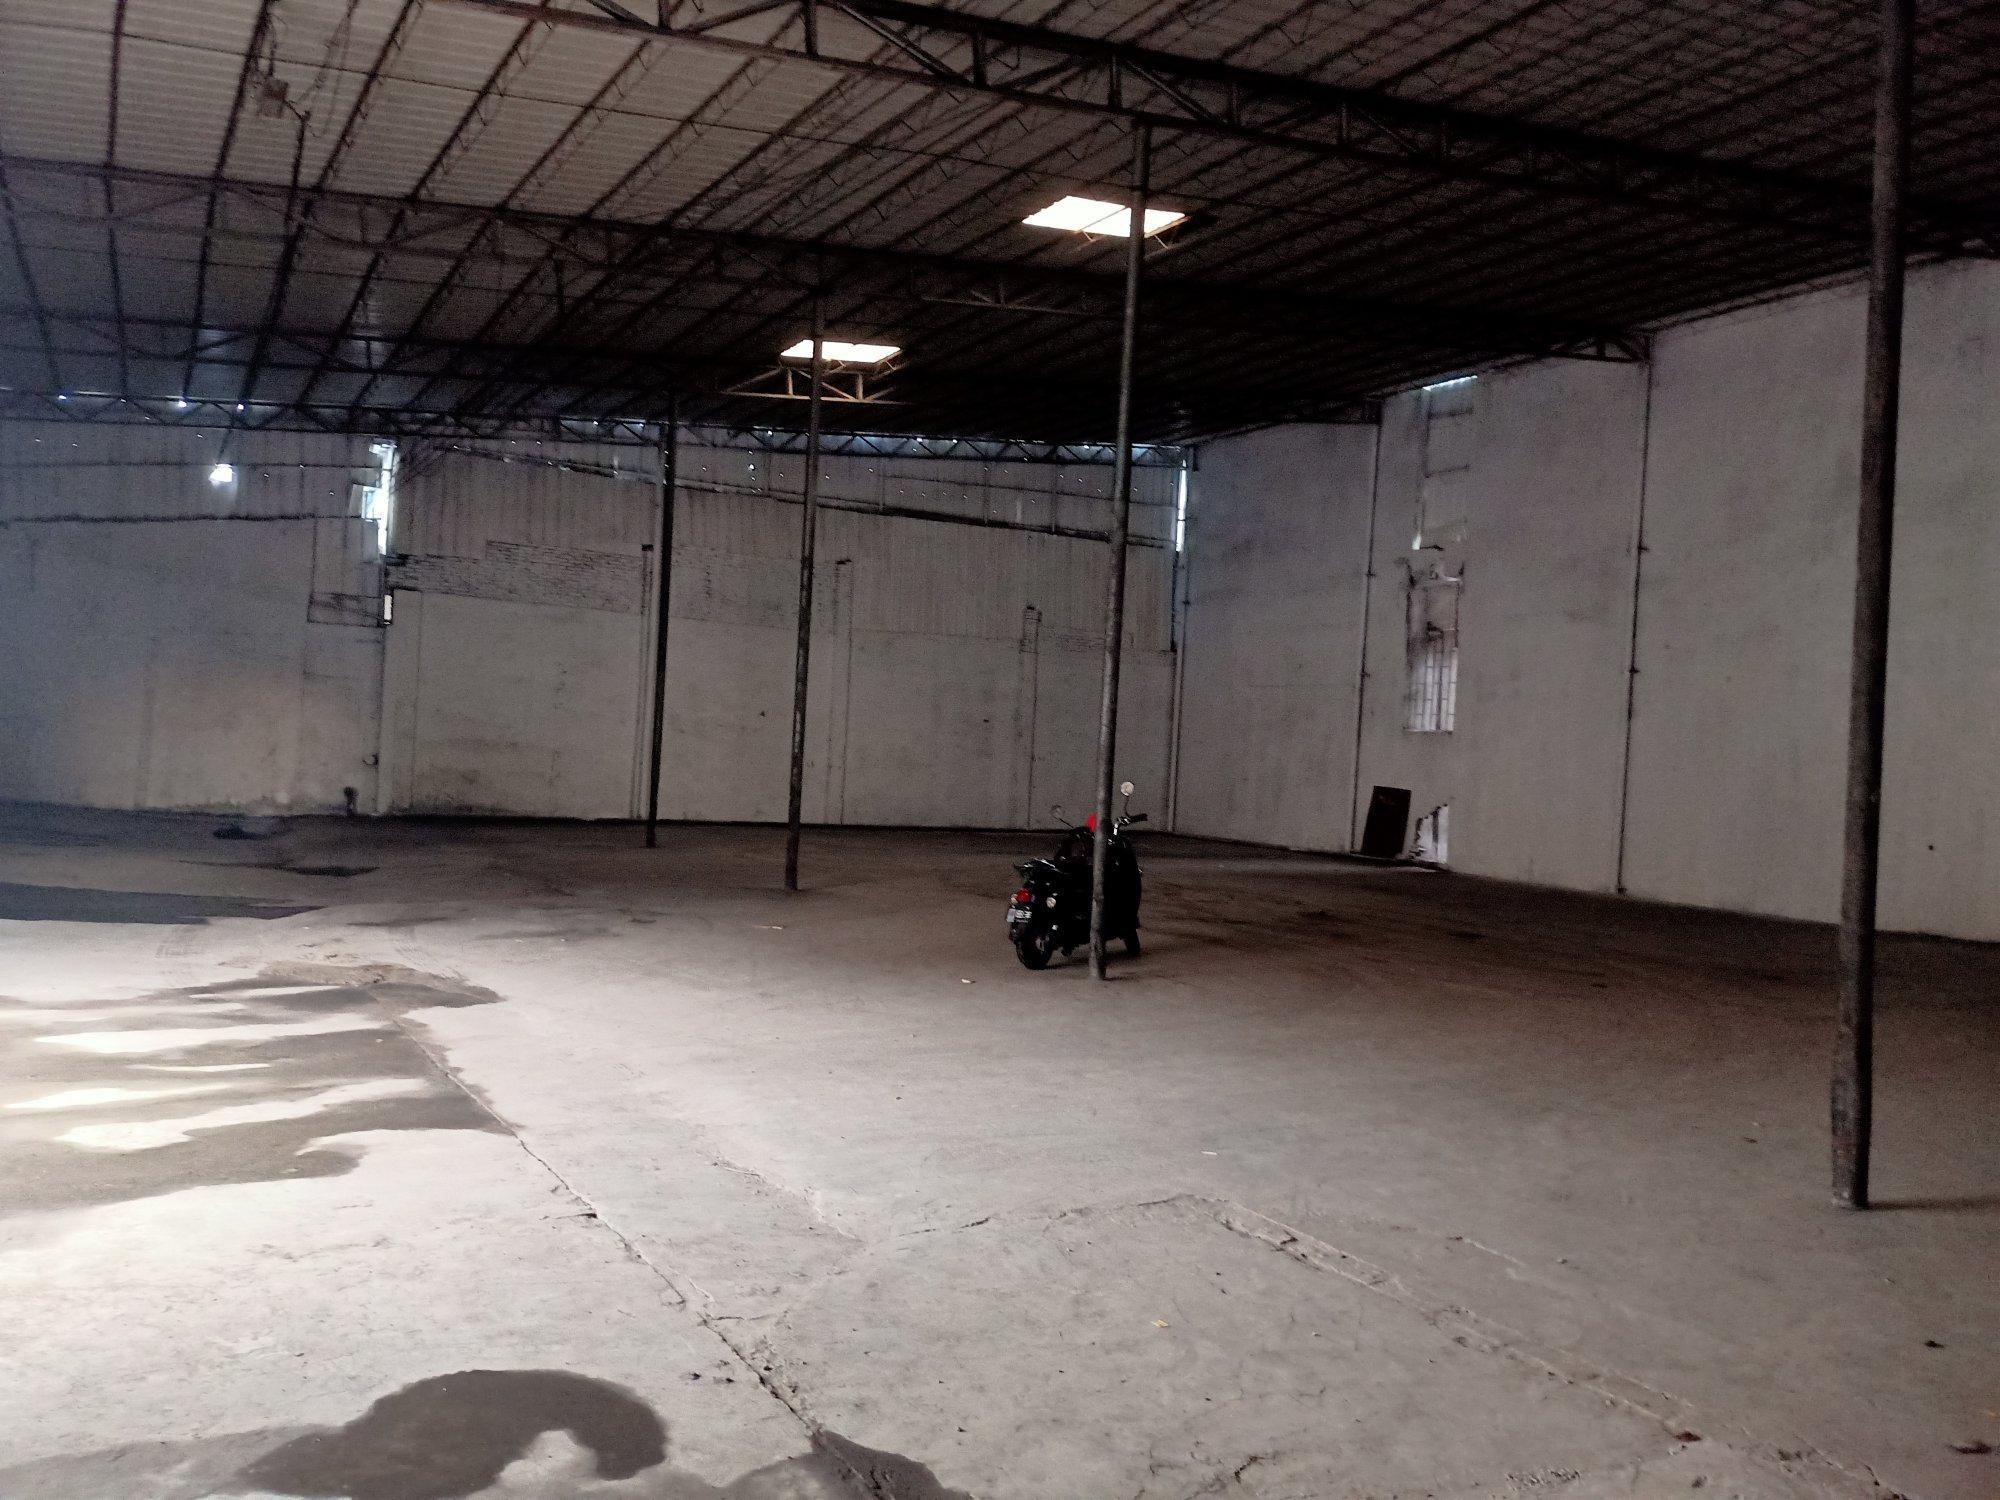 佛山市顺德区容桂单一层厂房出租,可办证,可做冲压,仓库,电器